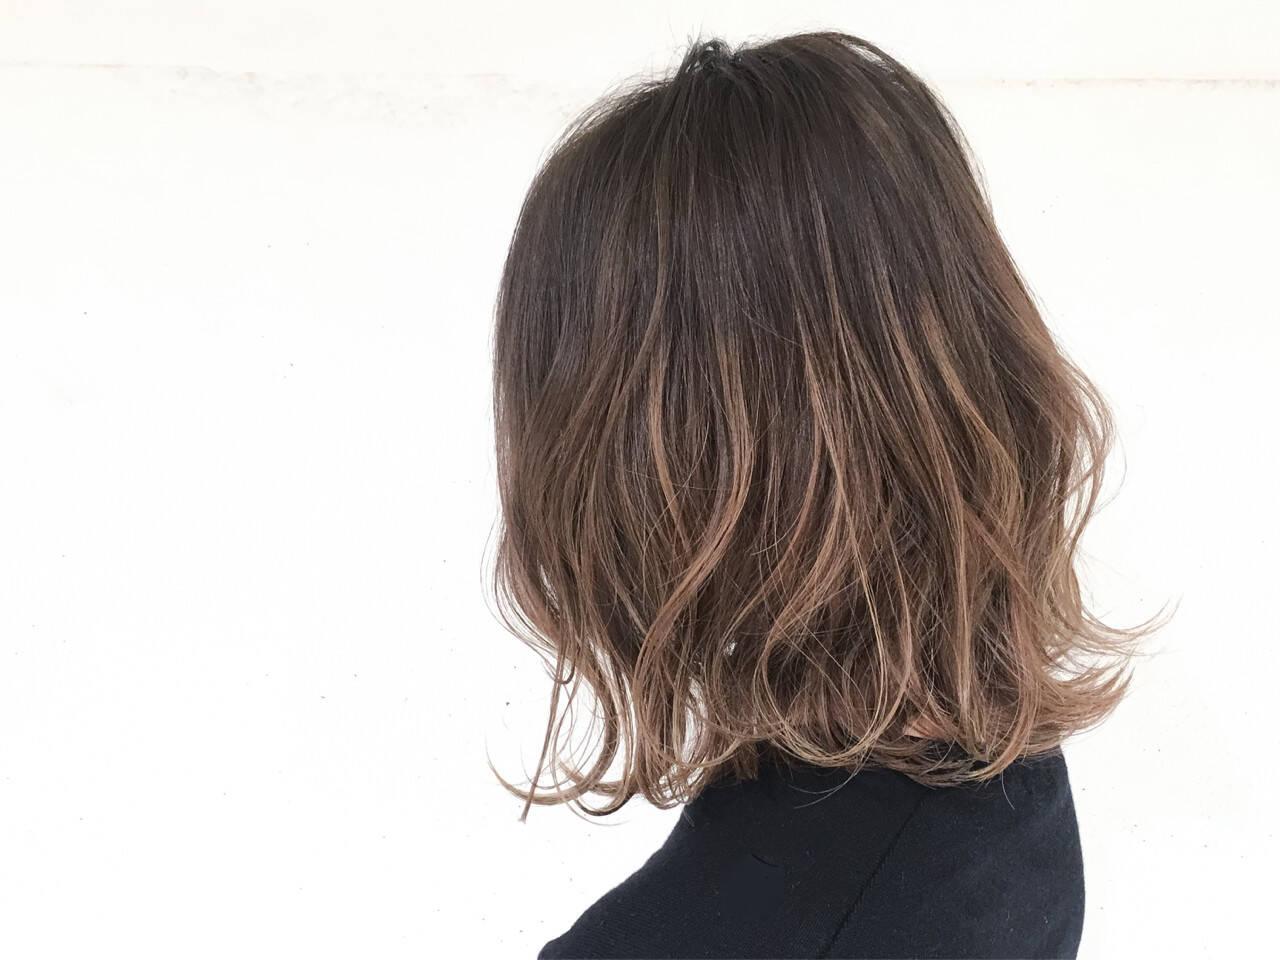 ストリート 色気 小顔 ハイライトヘアスタイルや髪型の写真・画像